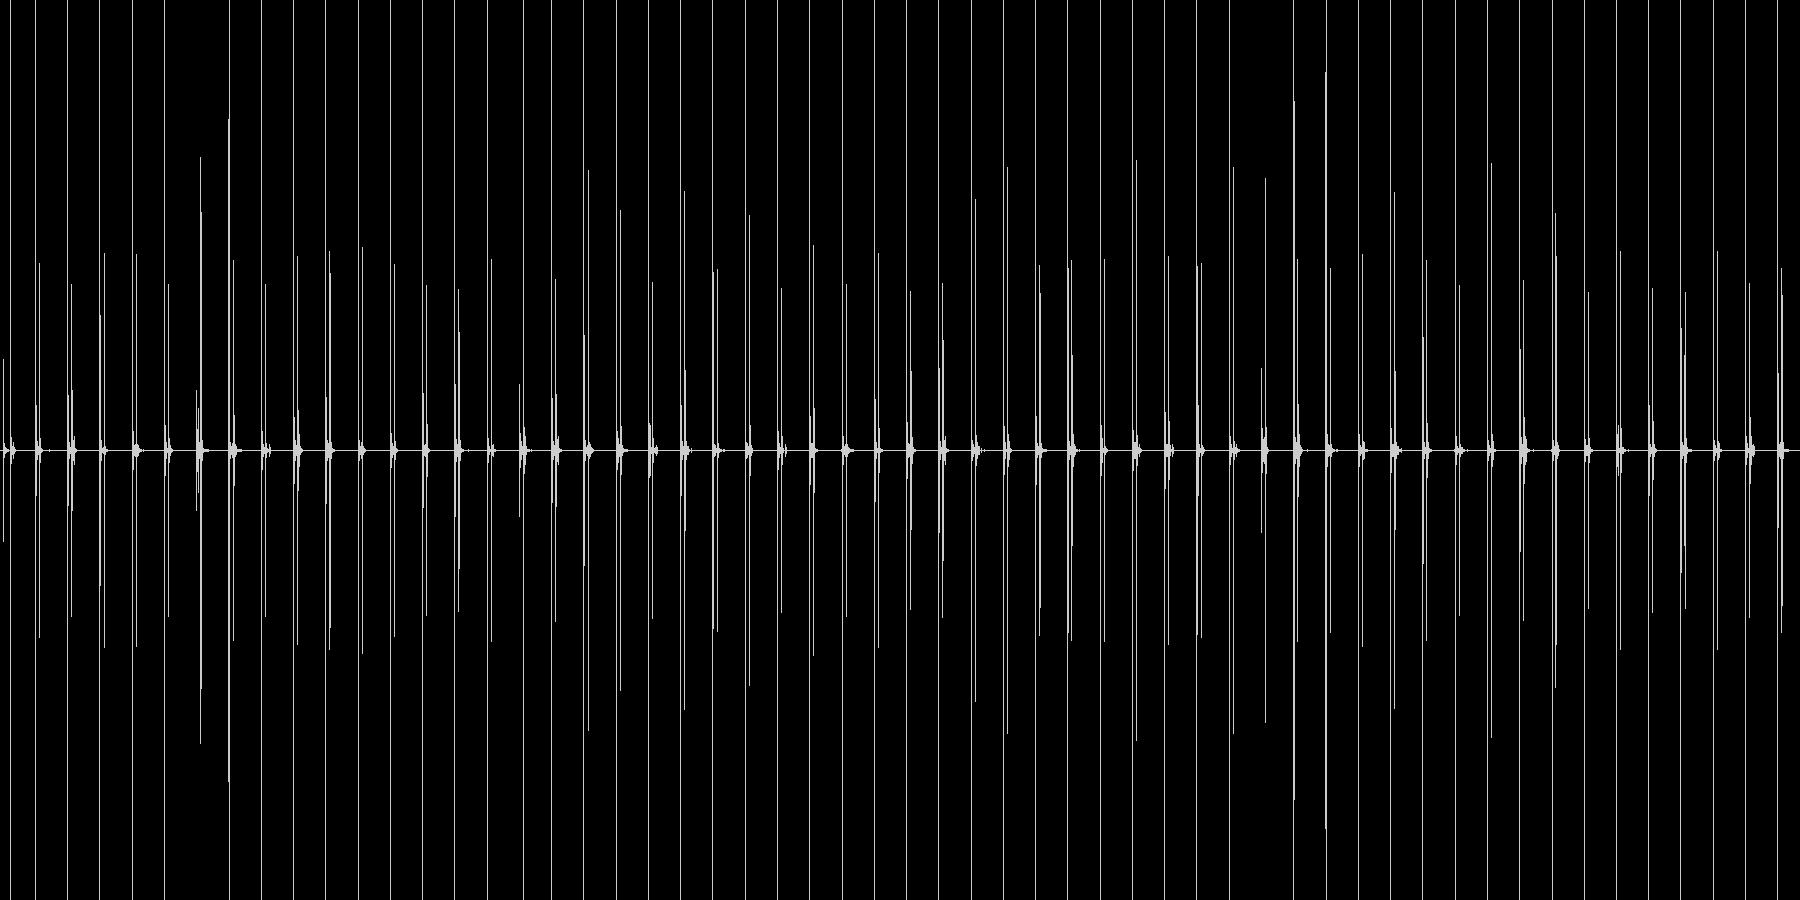 汎用性のあるハイヒールで歩く音の未再生の波形